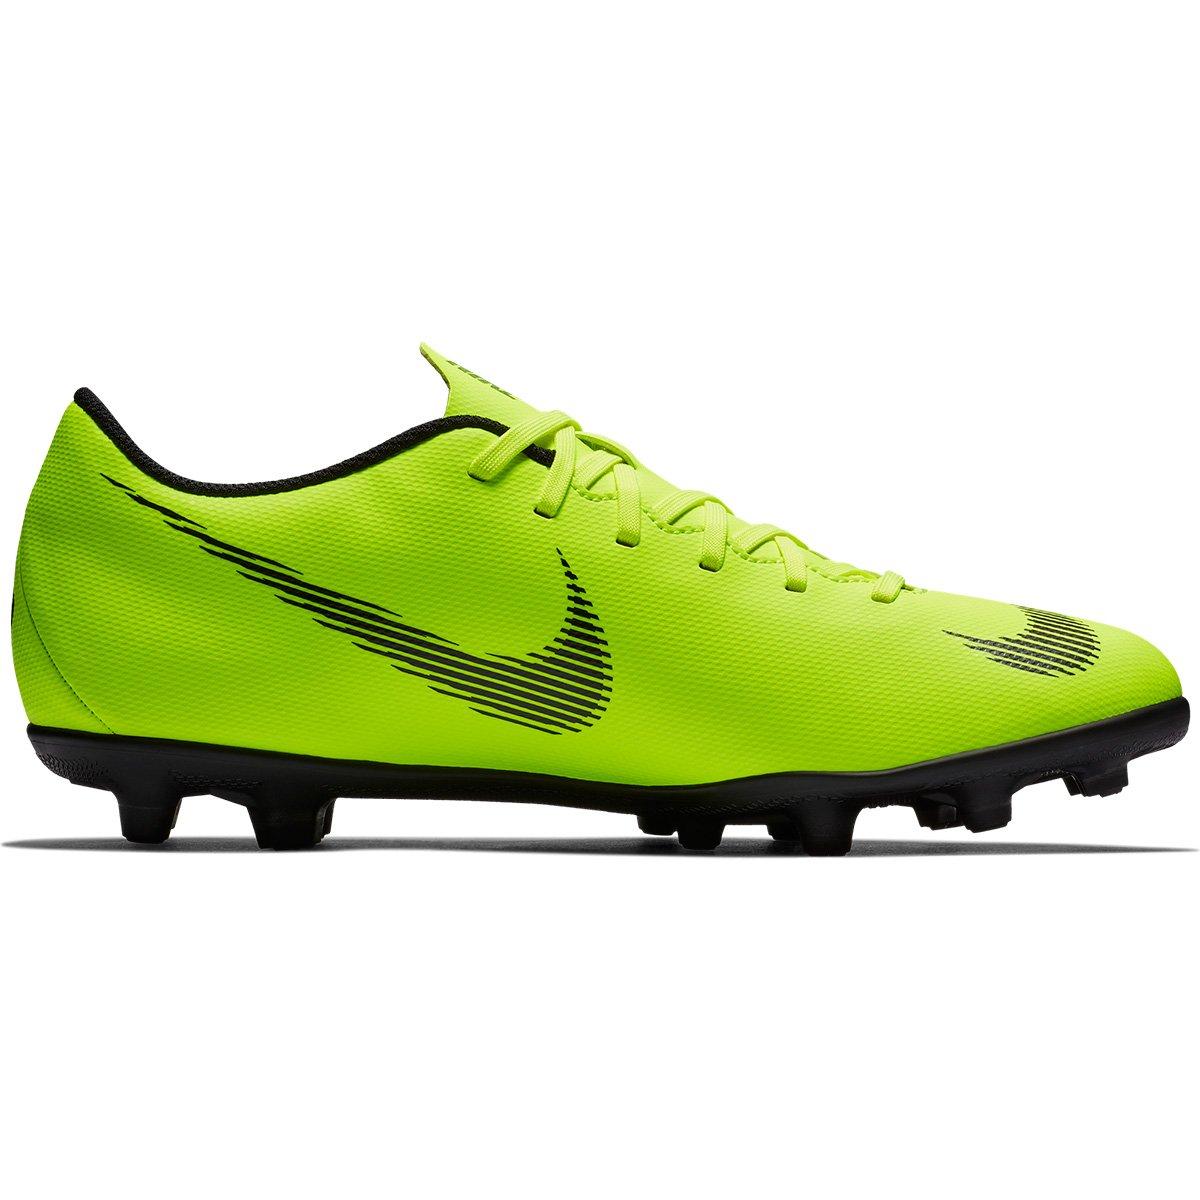 5272f4decde39 Chuteira Campo Nike Mercurial Vapor 12 Club - Verde e Preto - Compre Agora